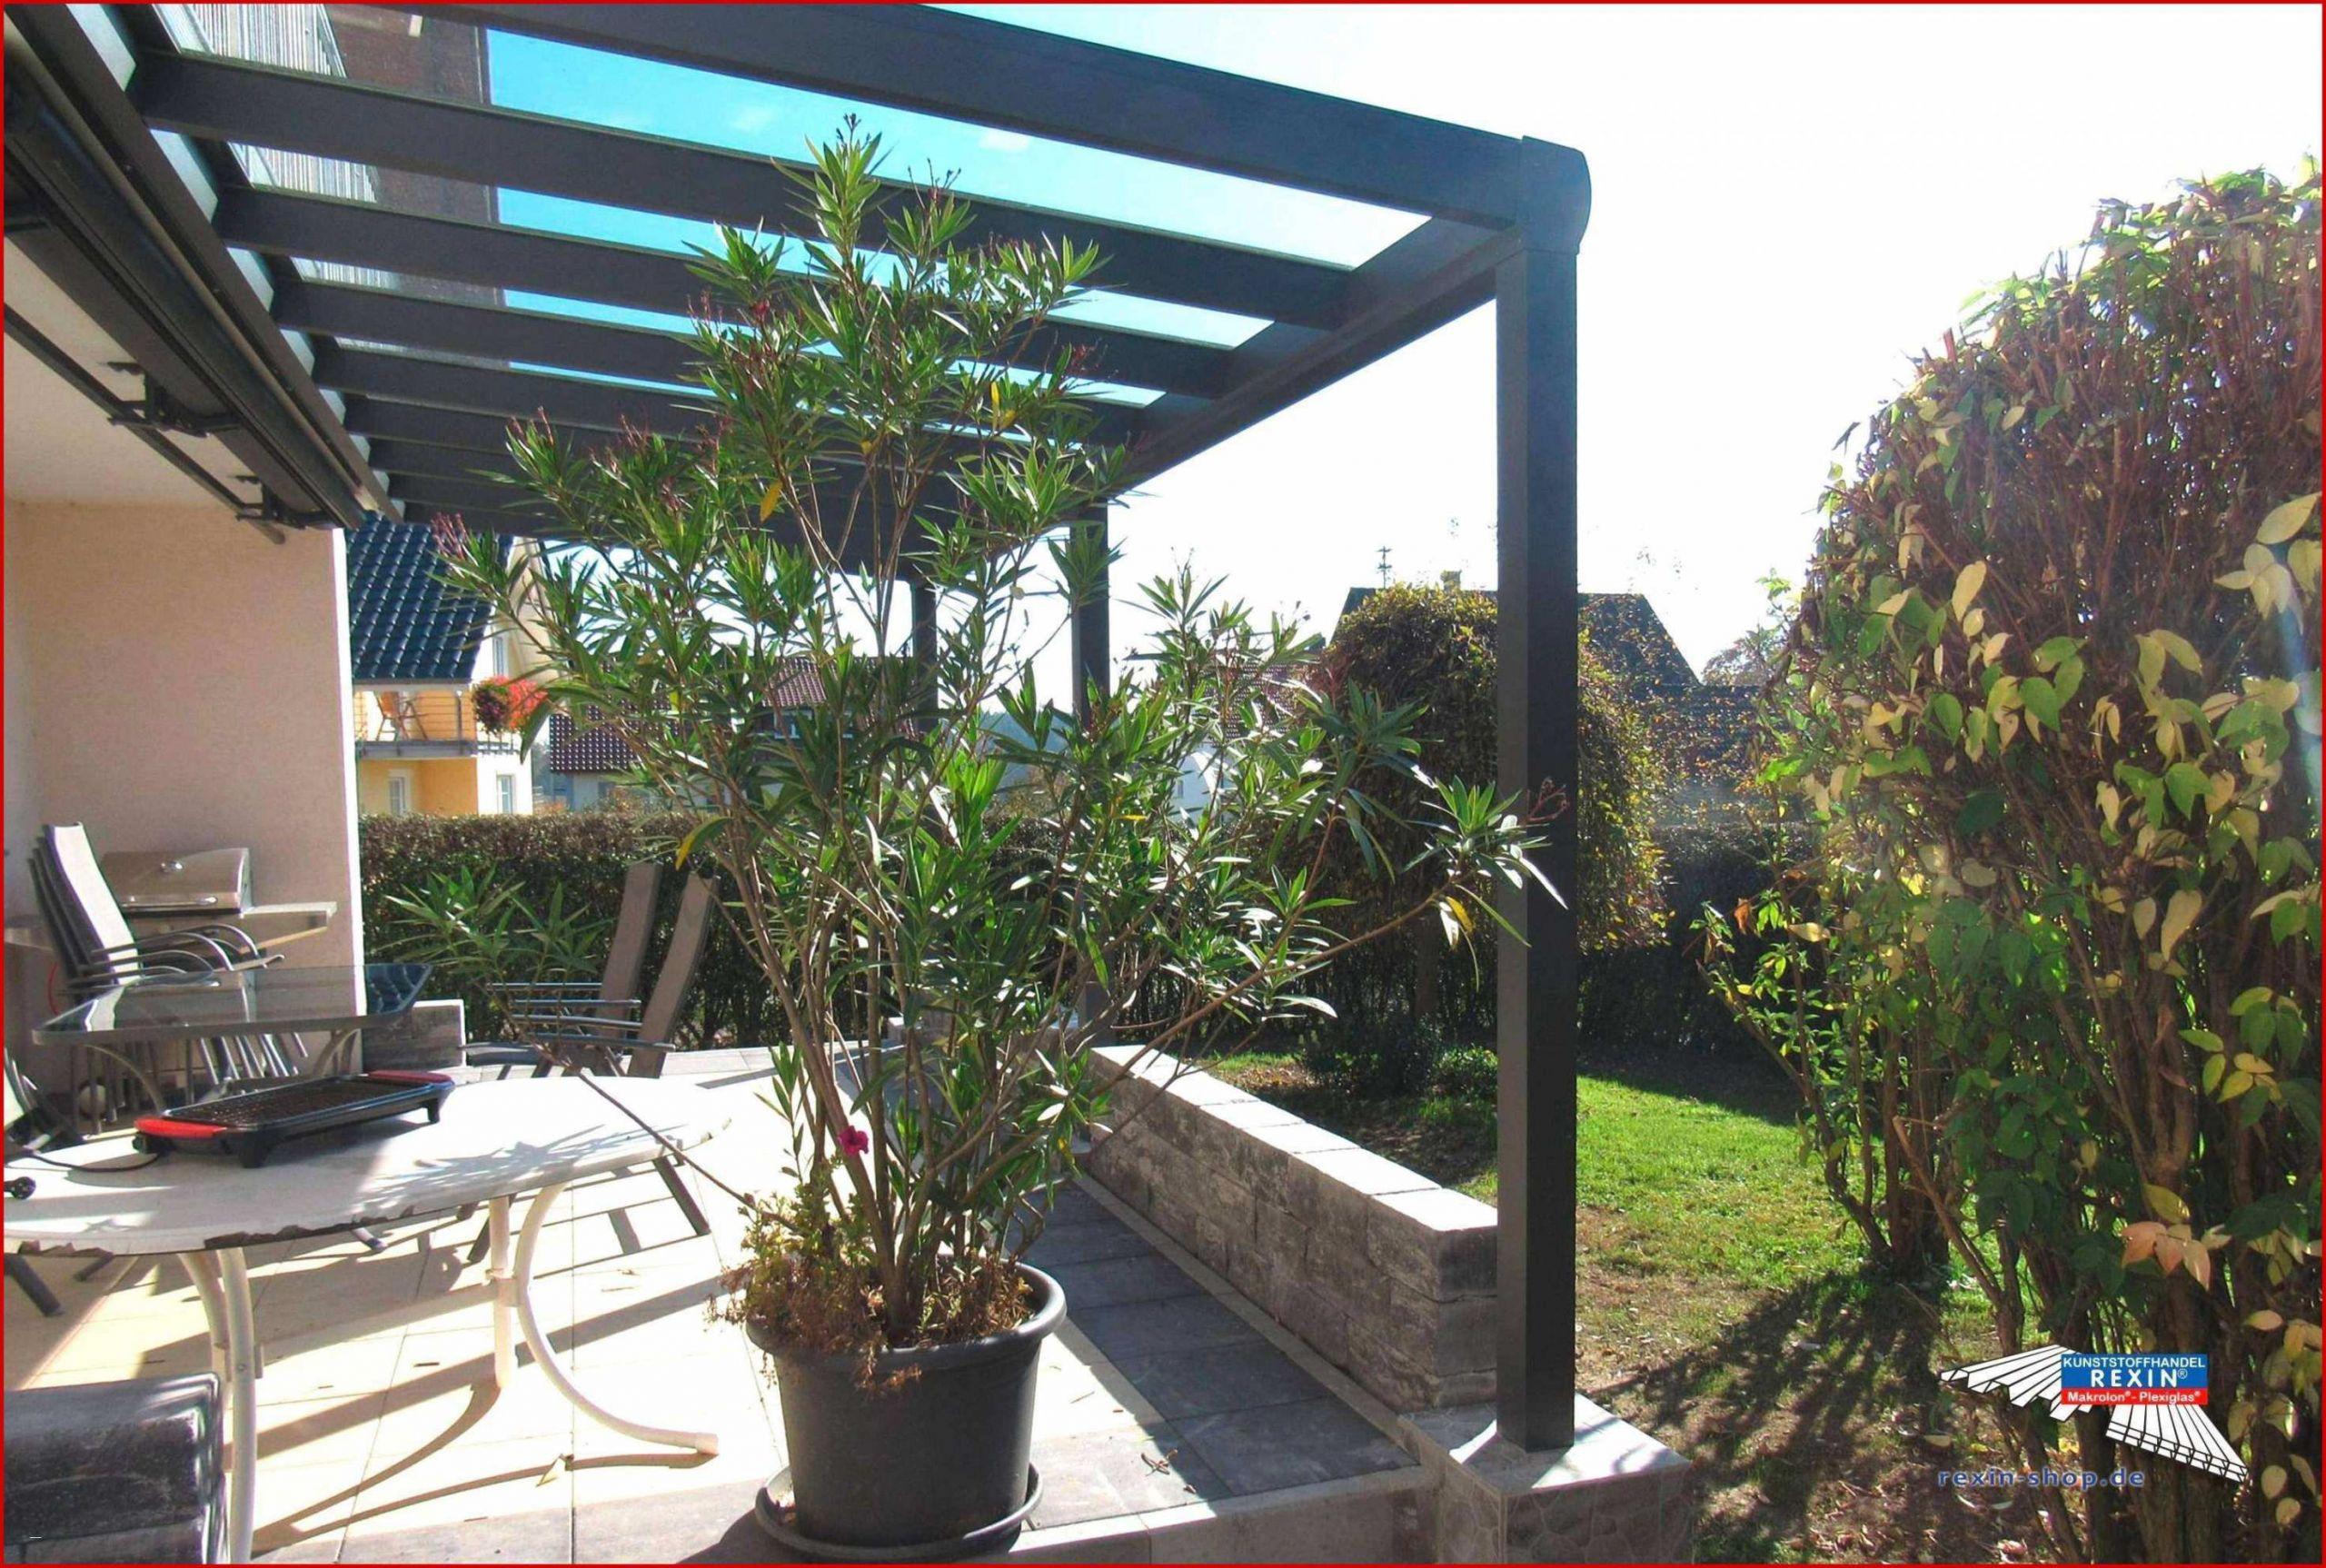 schoner wohnen tapete elegant pflanzen als sichtschutz im kubel temobardz home blog of schoner wohnen tapete